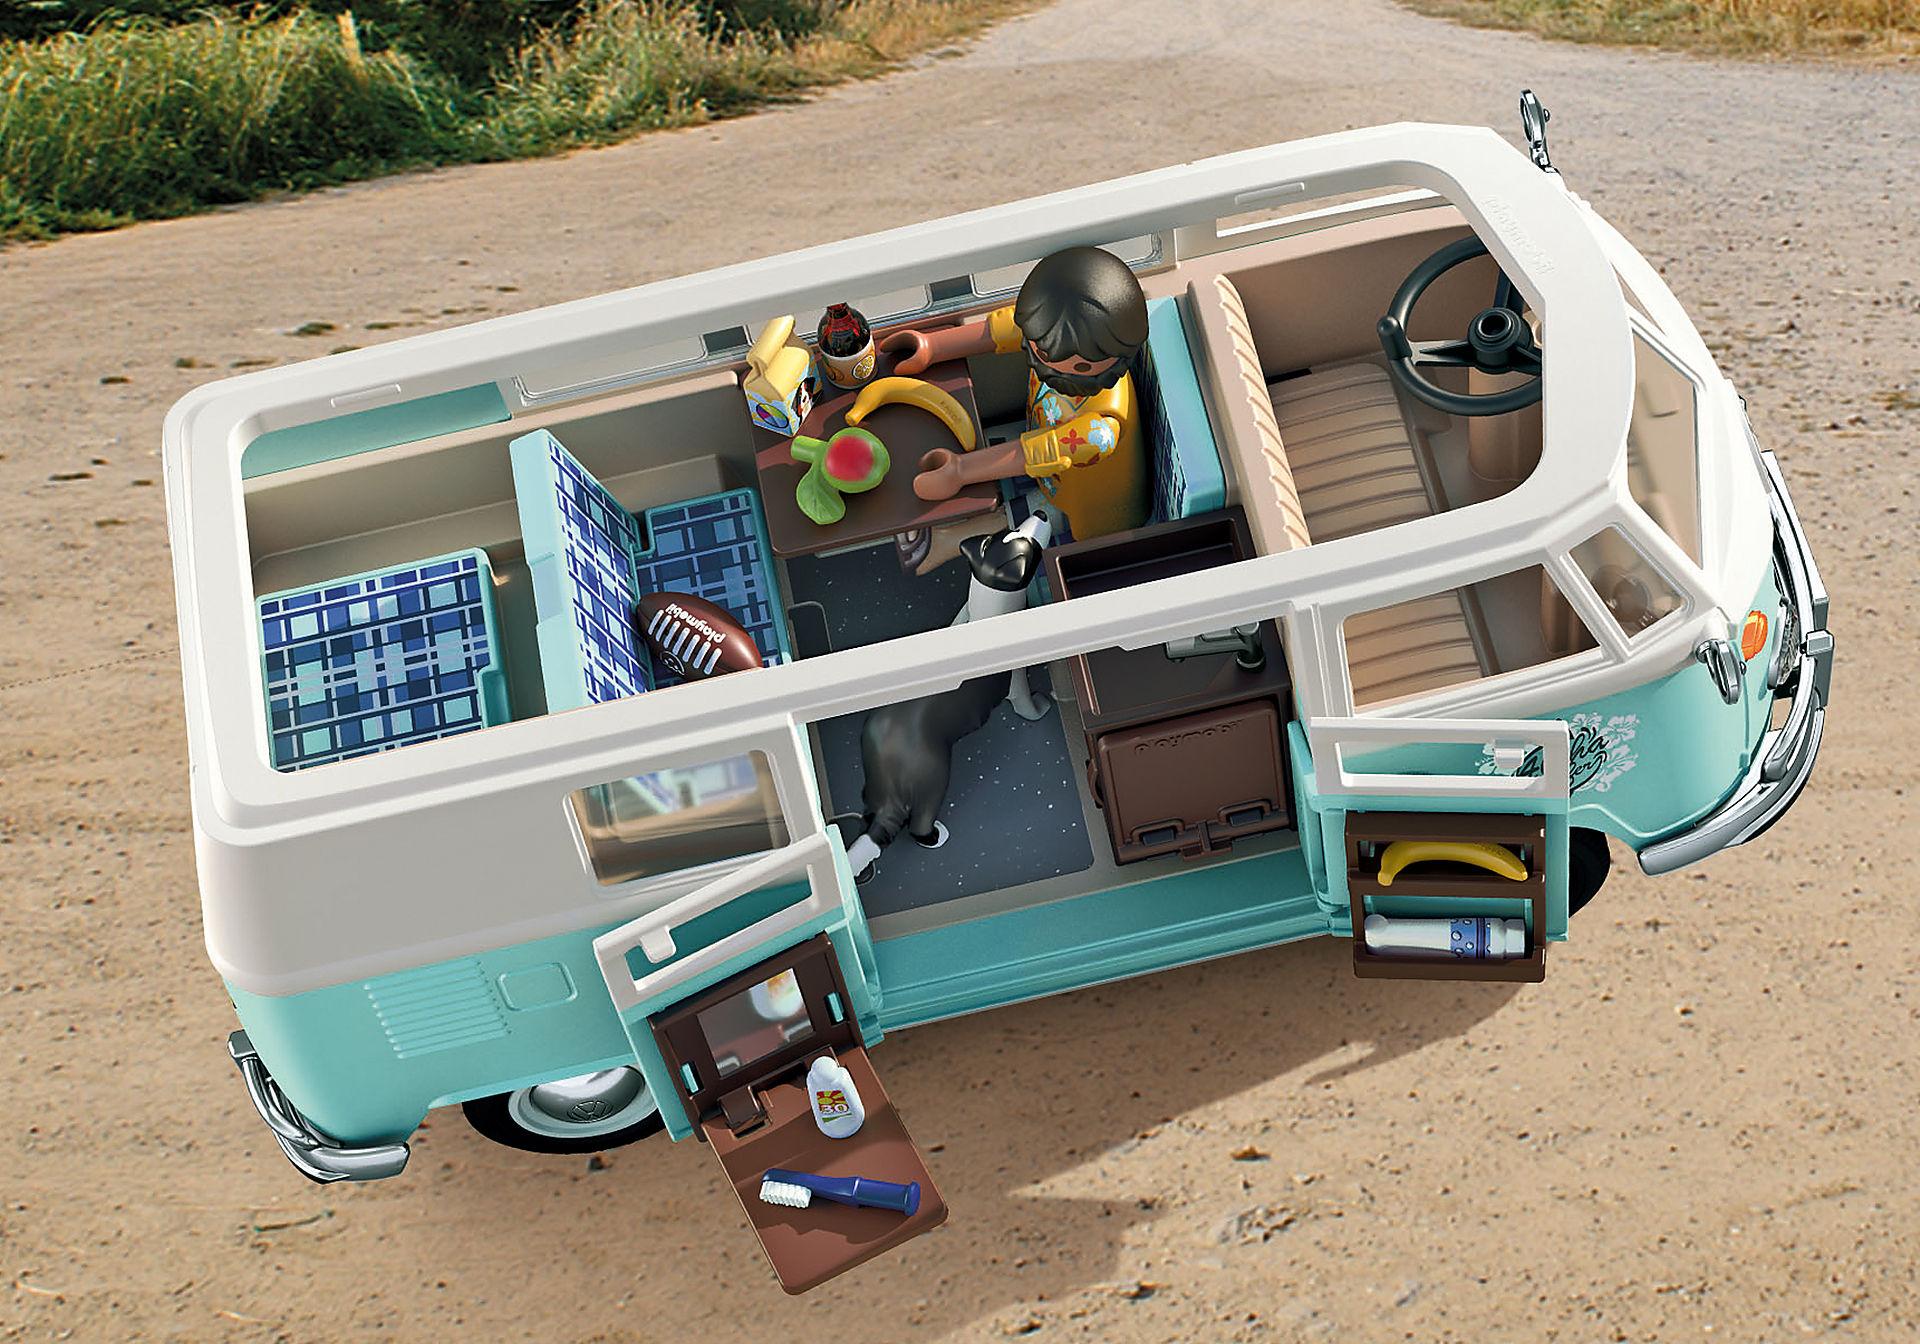 70826 Volkswagen T1 Camping Bus - Edição especial zoom image8